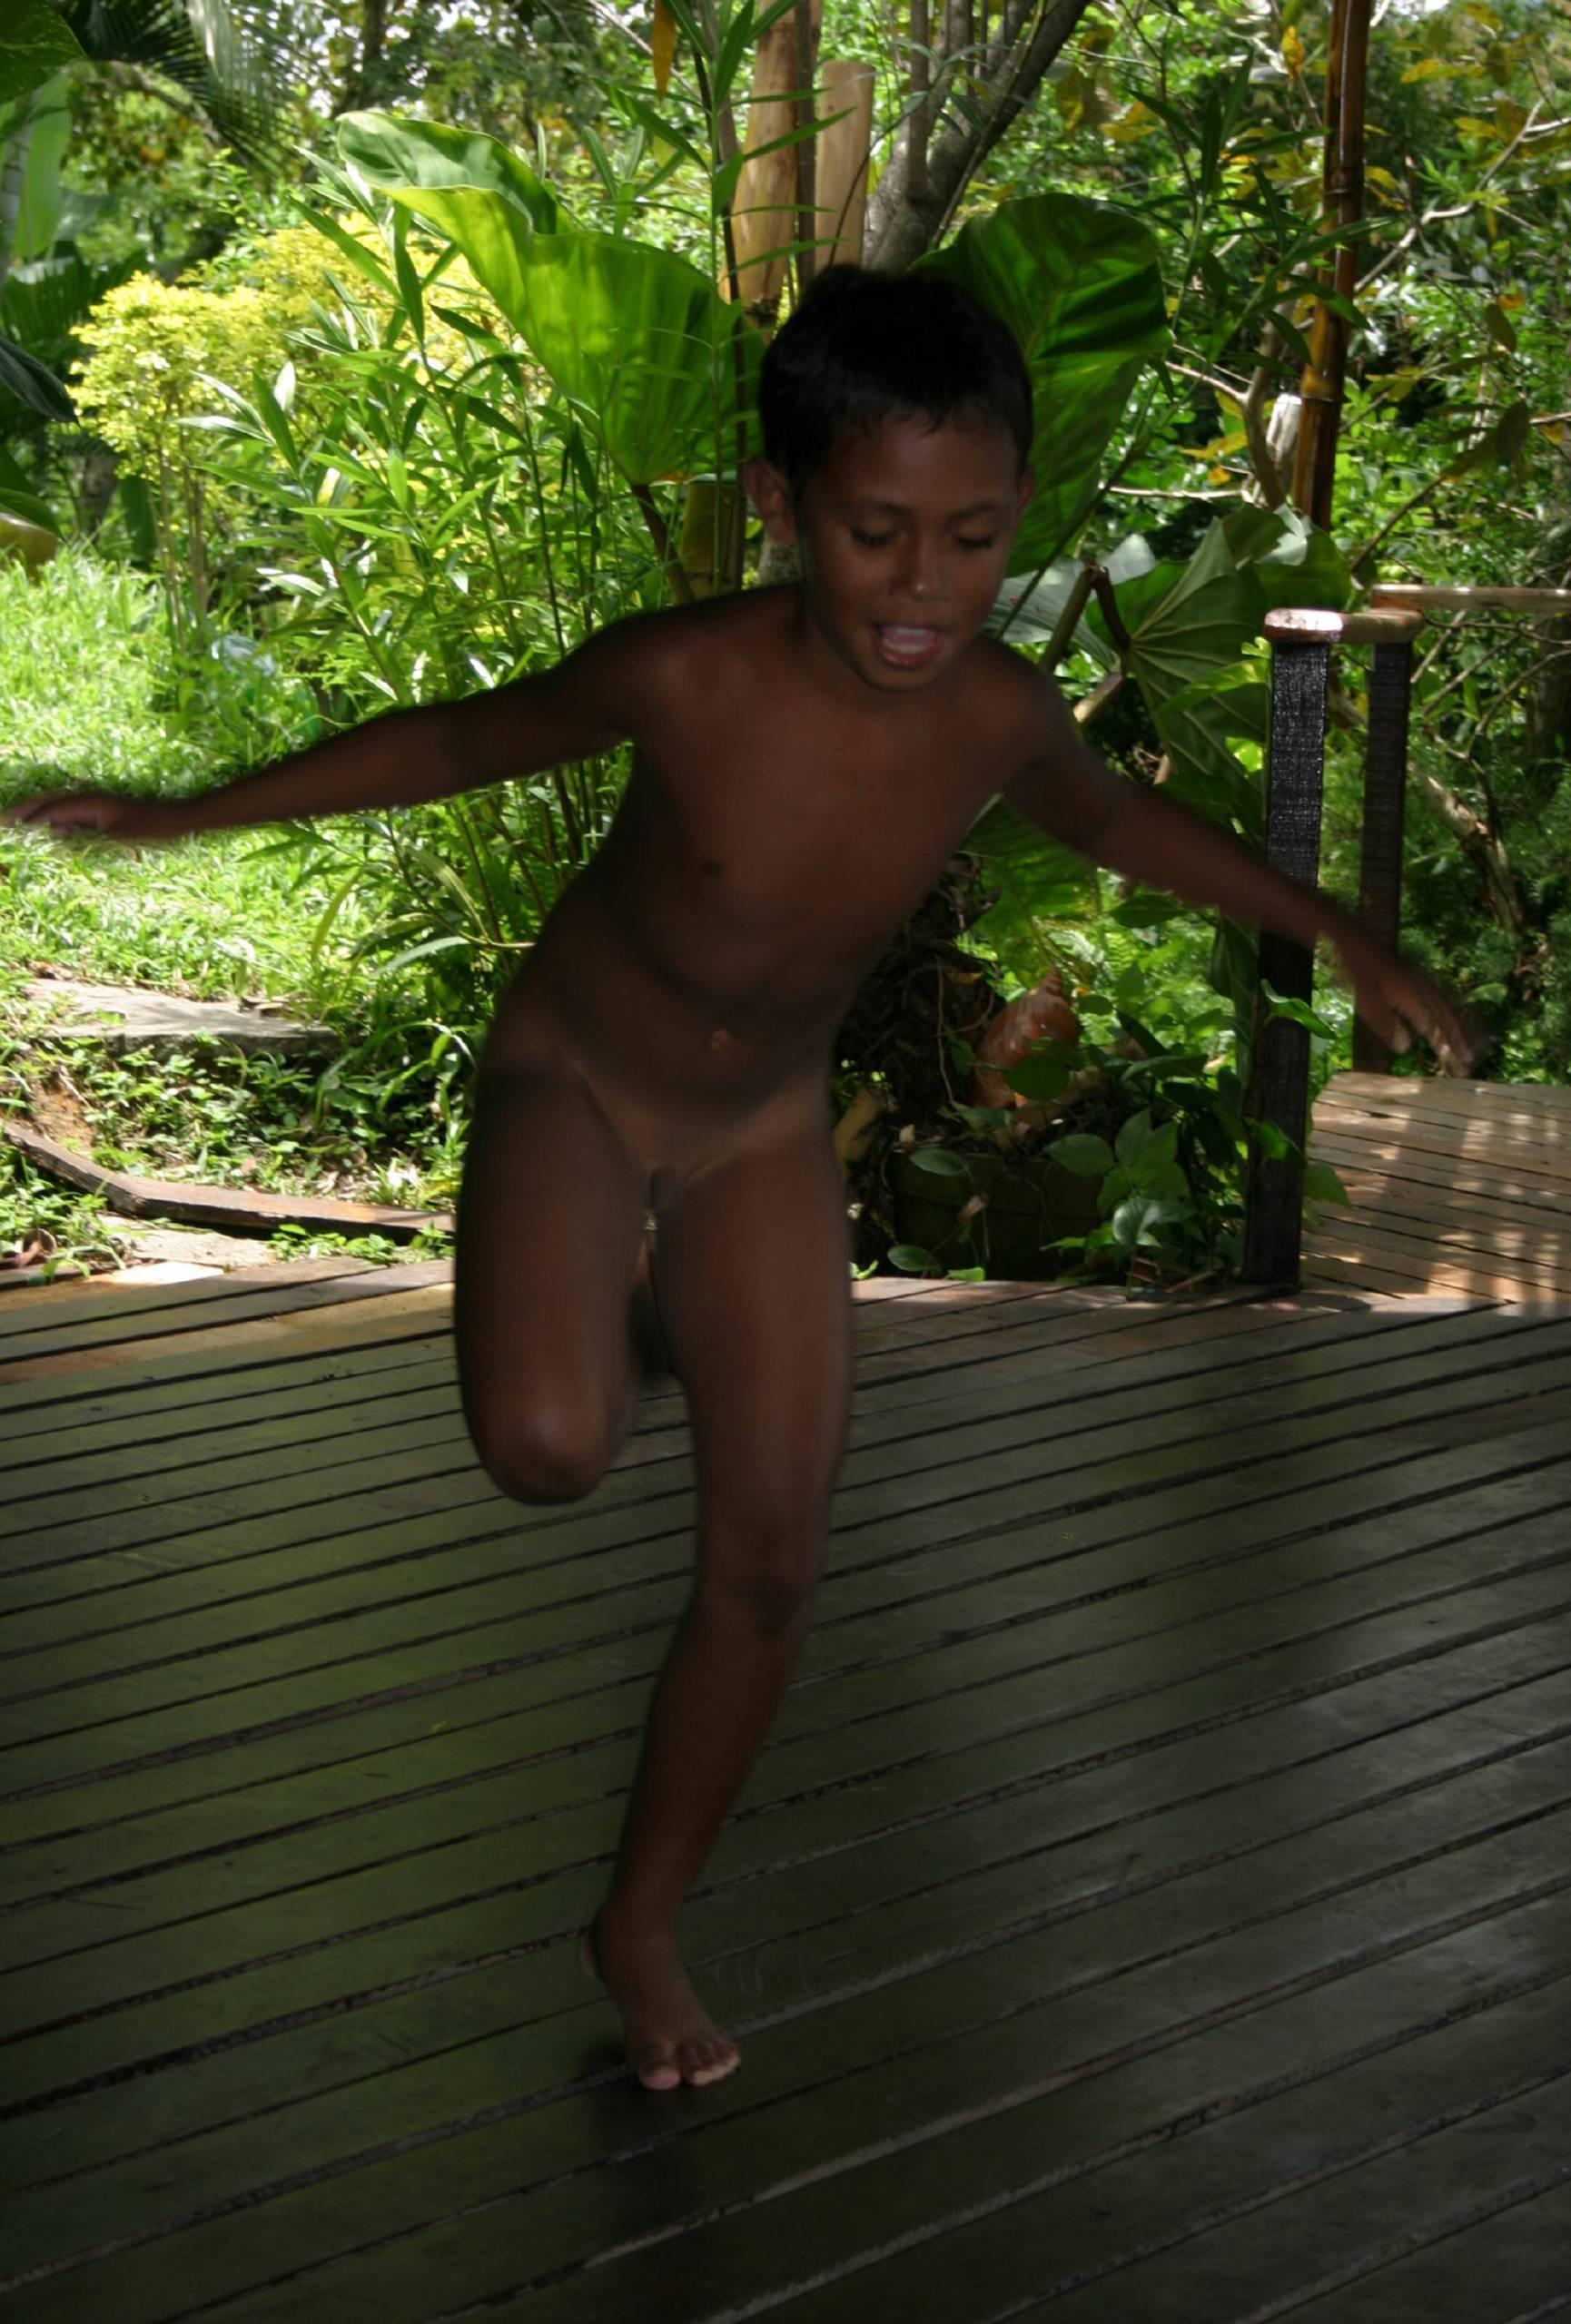 Nudist Gallery Brazil Indoor Dancing Final - 1